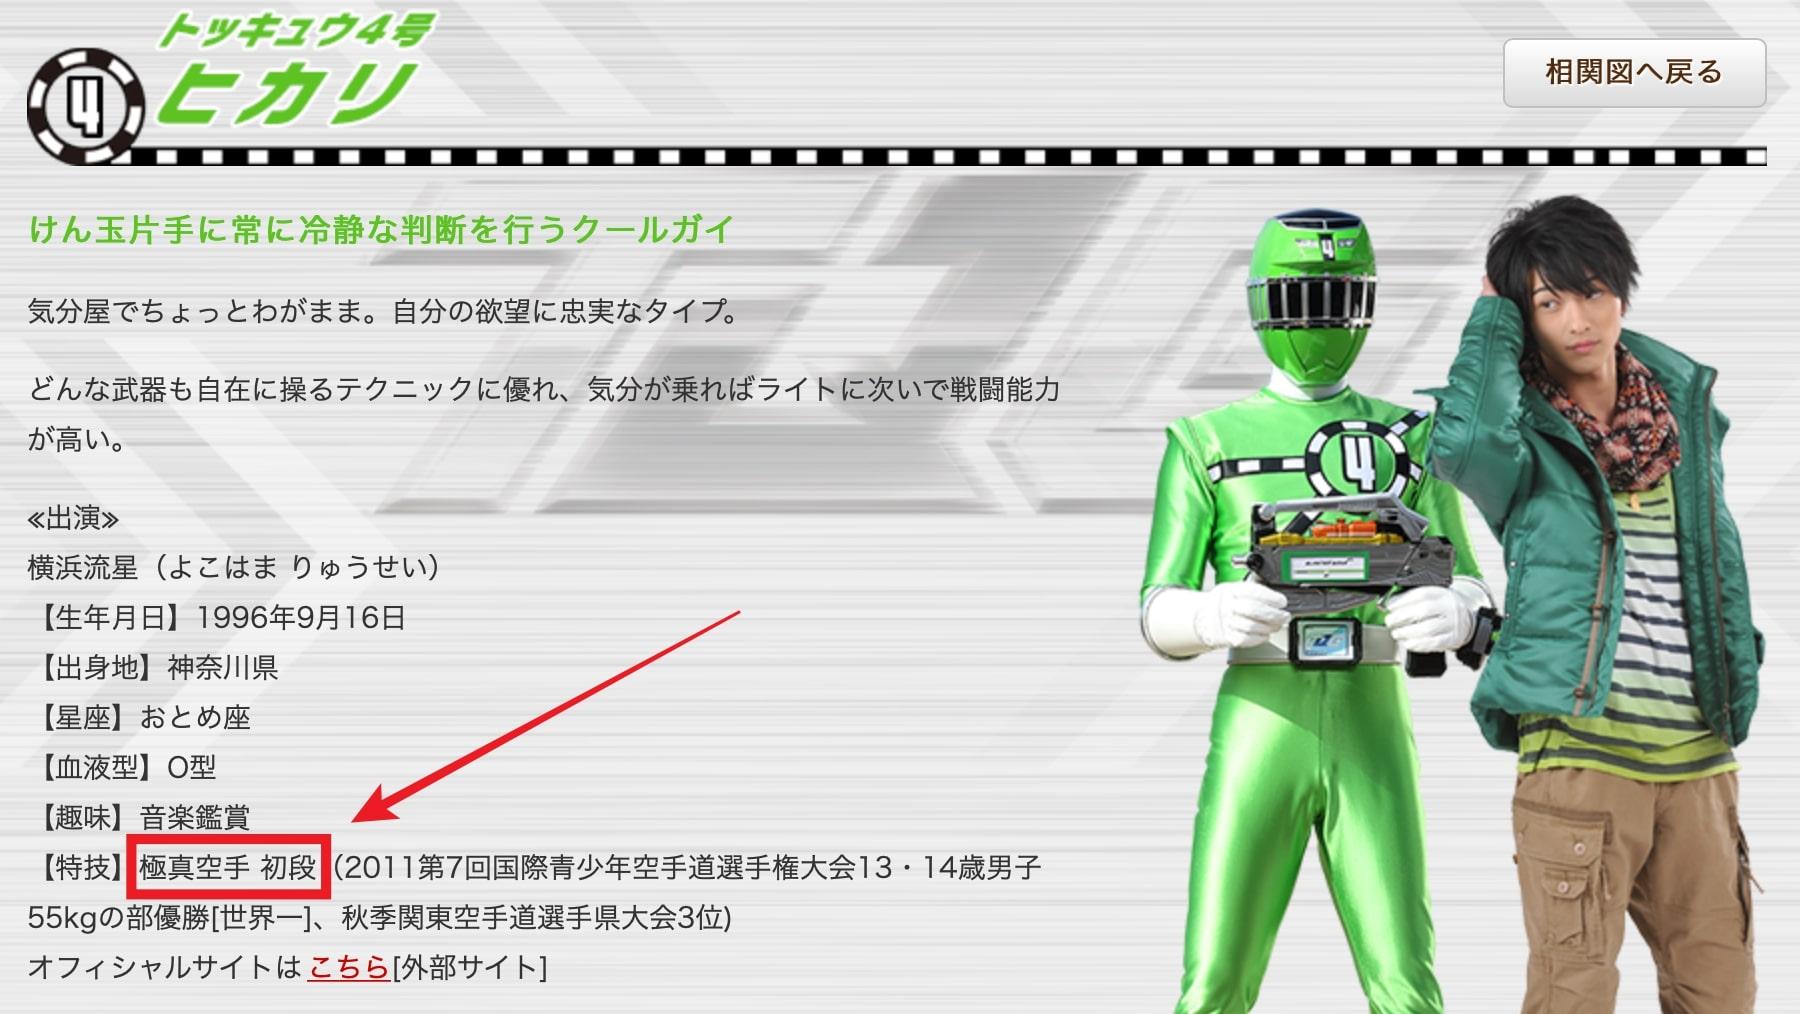 横浜流星の空手の実力は世界一でいつから?